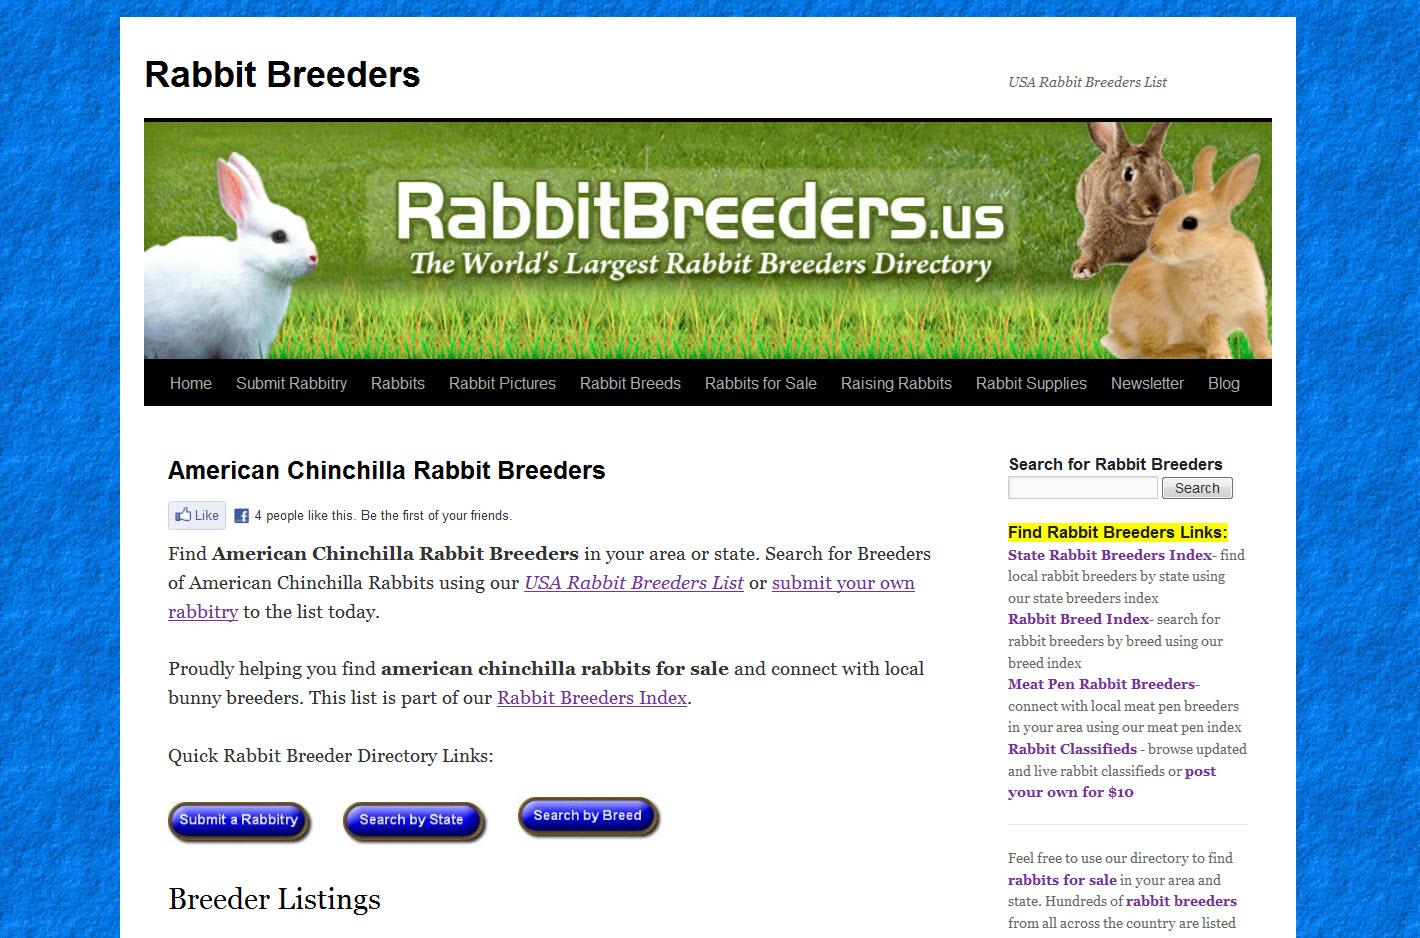 American Chinchilla Rabbit Breeders